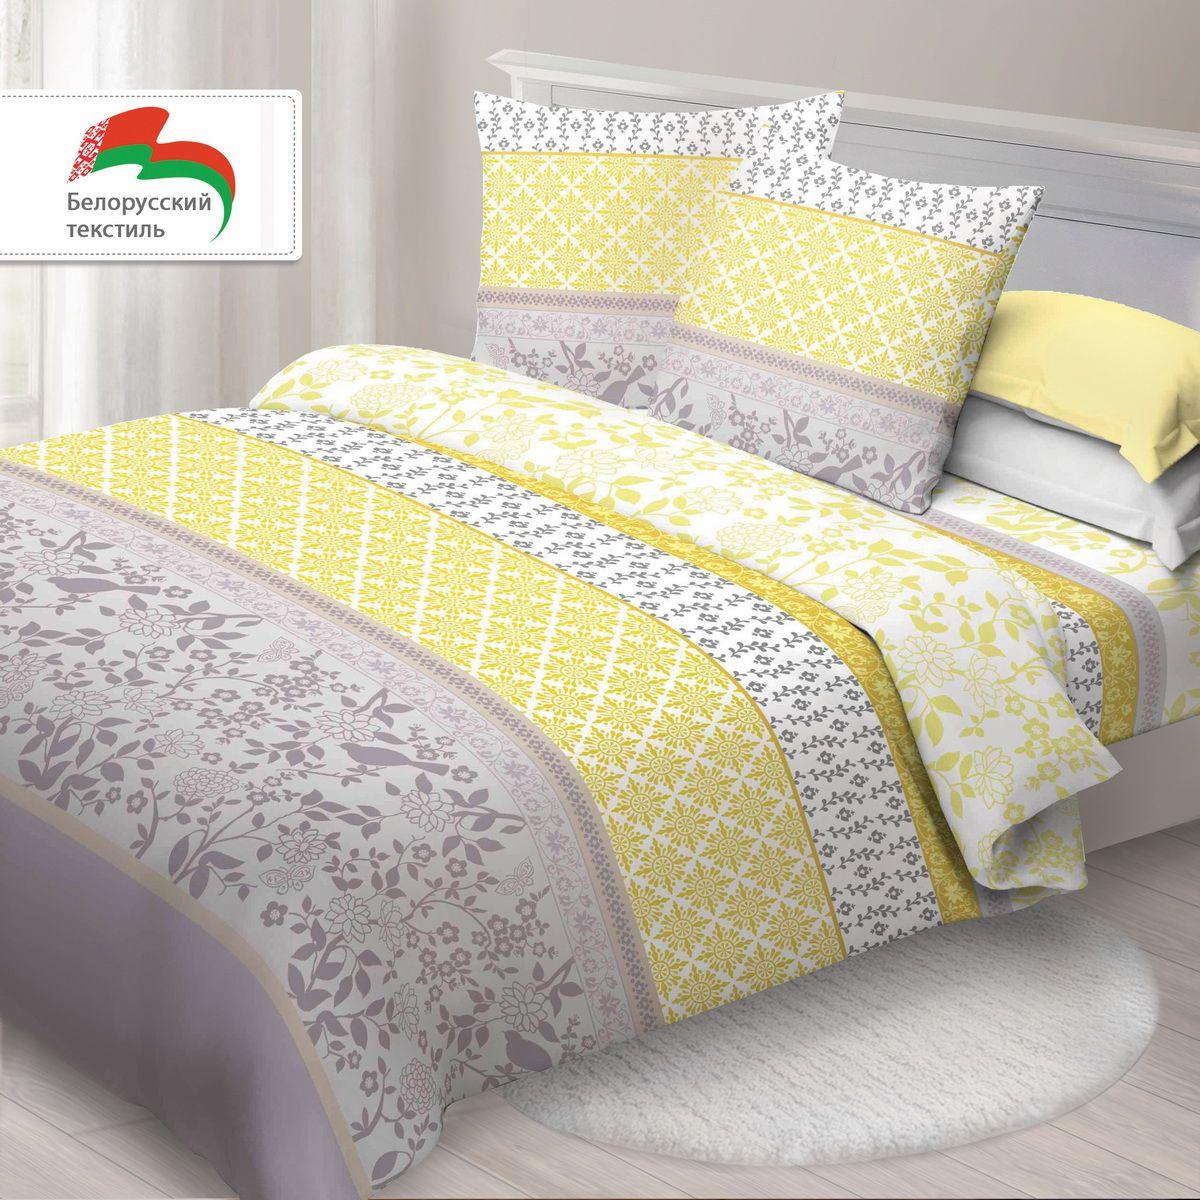 Комплект белья Спал Спалыч Эстелла, 2-спальное, наволочки 70x70, цвет: желтый91308Спал Спалыч - недорогое, но качественное постельное белье из белорусской бязи. Актуальные дизайны, авторская упаковка в сочетании с качественными материалами и приемлемой ценой - залог успеха Спал Спалыча! В ассортименте широкая линейка домашнего текстиля для всей семьи - современные дизайны современному покупателю! Ткань обработана по технологии PERFECT WAY - благодаря чему, она становится более гладкой и шелковистой. • Бязь Барановичи 100% хлопок • Плотность ткани - 125 гр/кв.м.